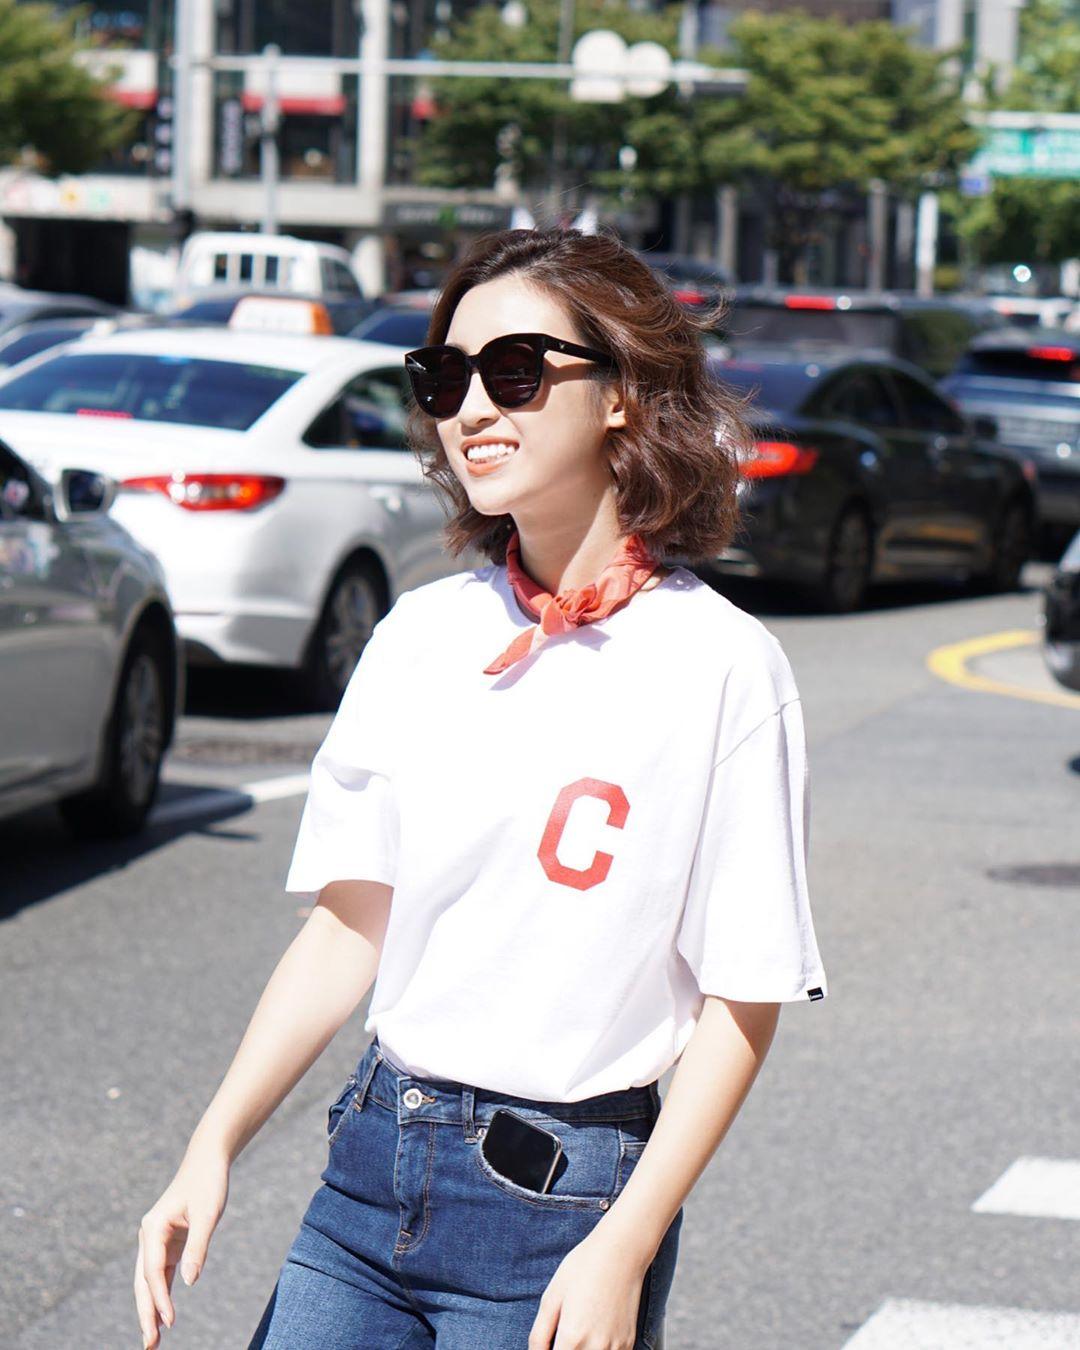 10 cách mix áo phông vừa đẹp vừa mát như sao Việt, toàn kiểu đơn giản mà nàng nào cũng có thể học theo - Ảnh 9.